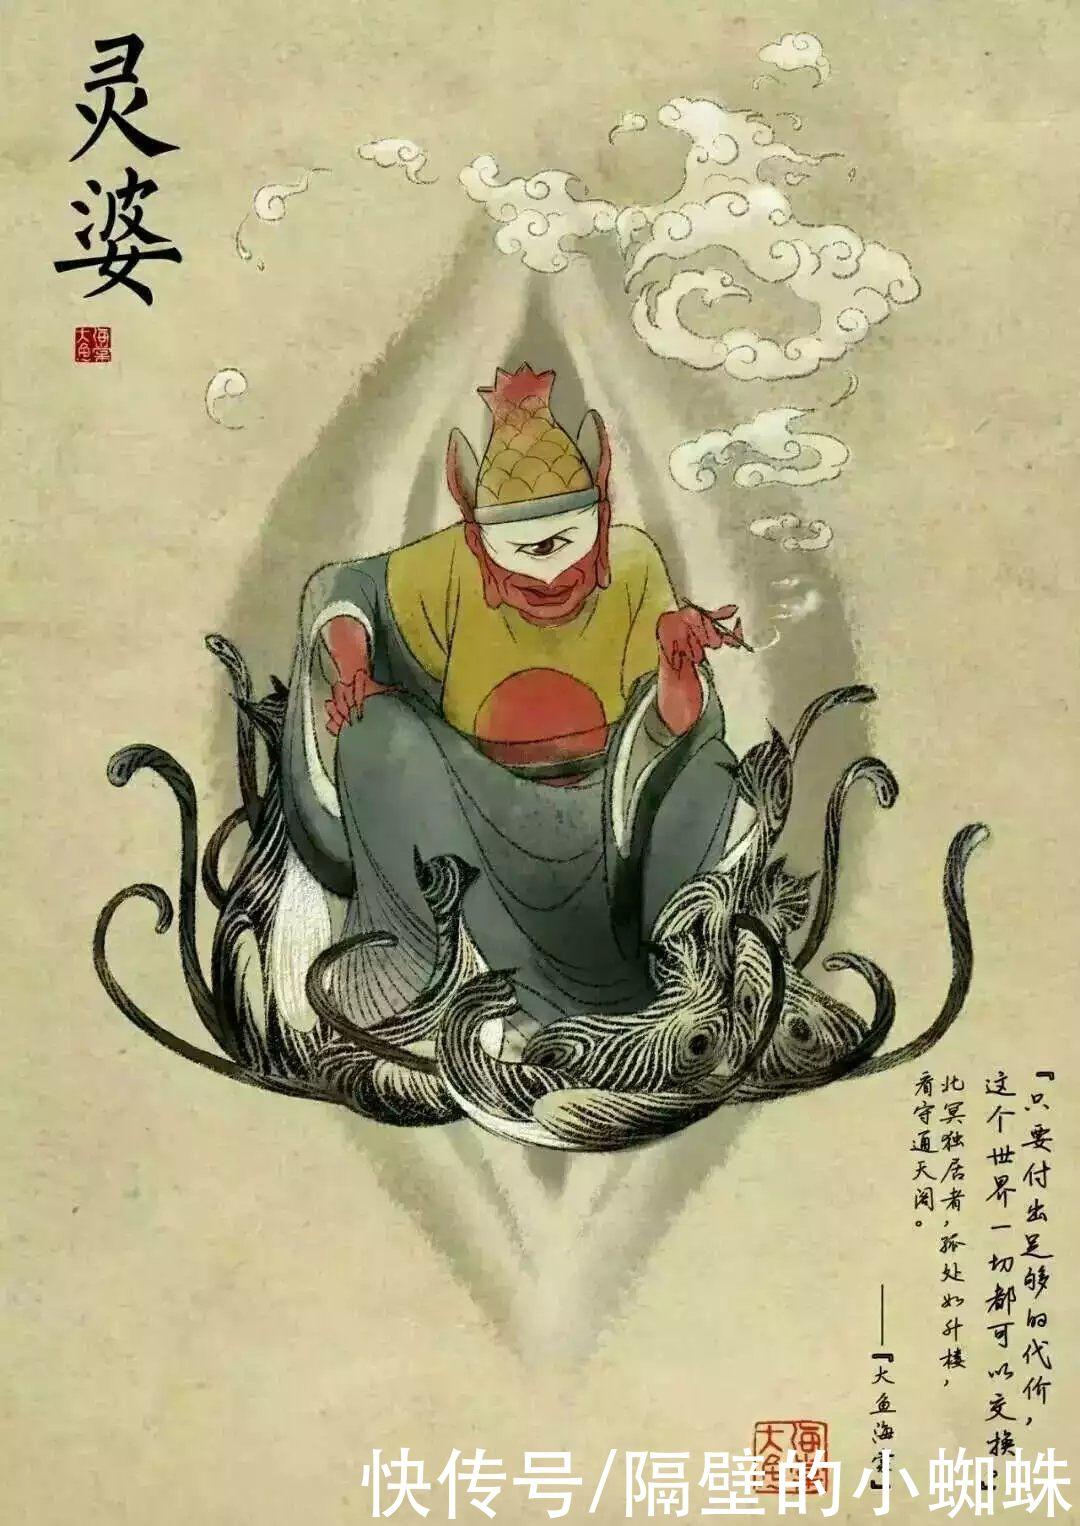 接班人 《大鱼海棠》灵婆才是一切的幕后操纵者,椿、湫只是他们的翻版